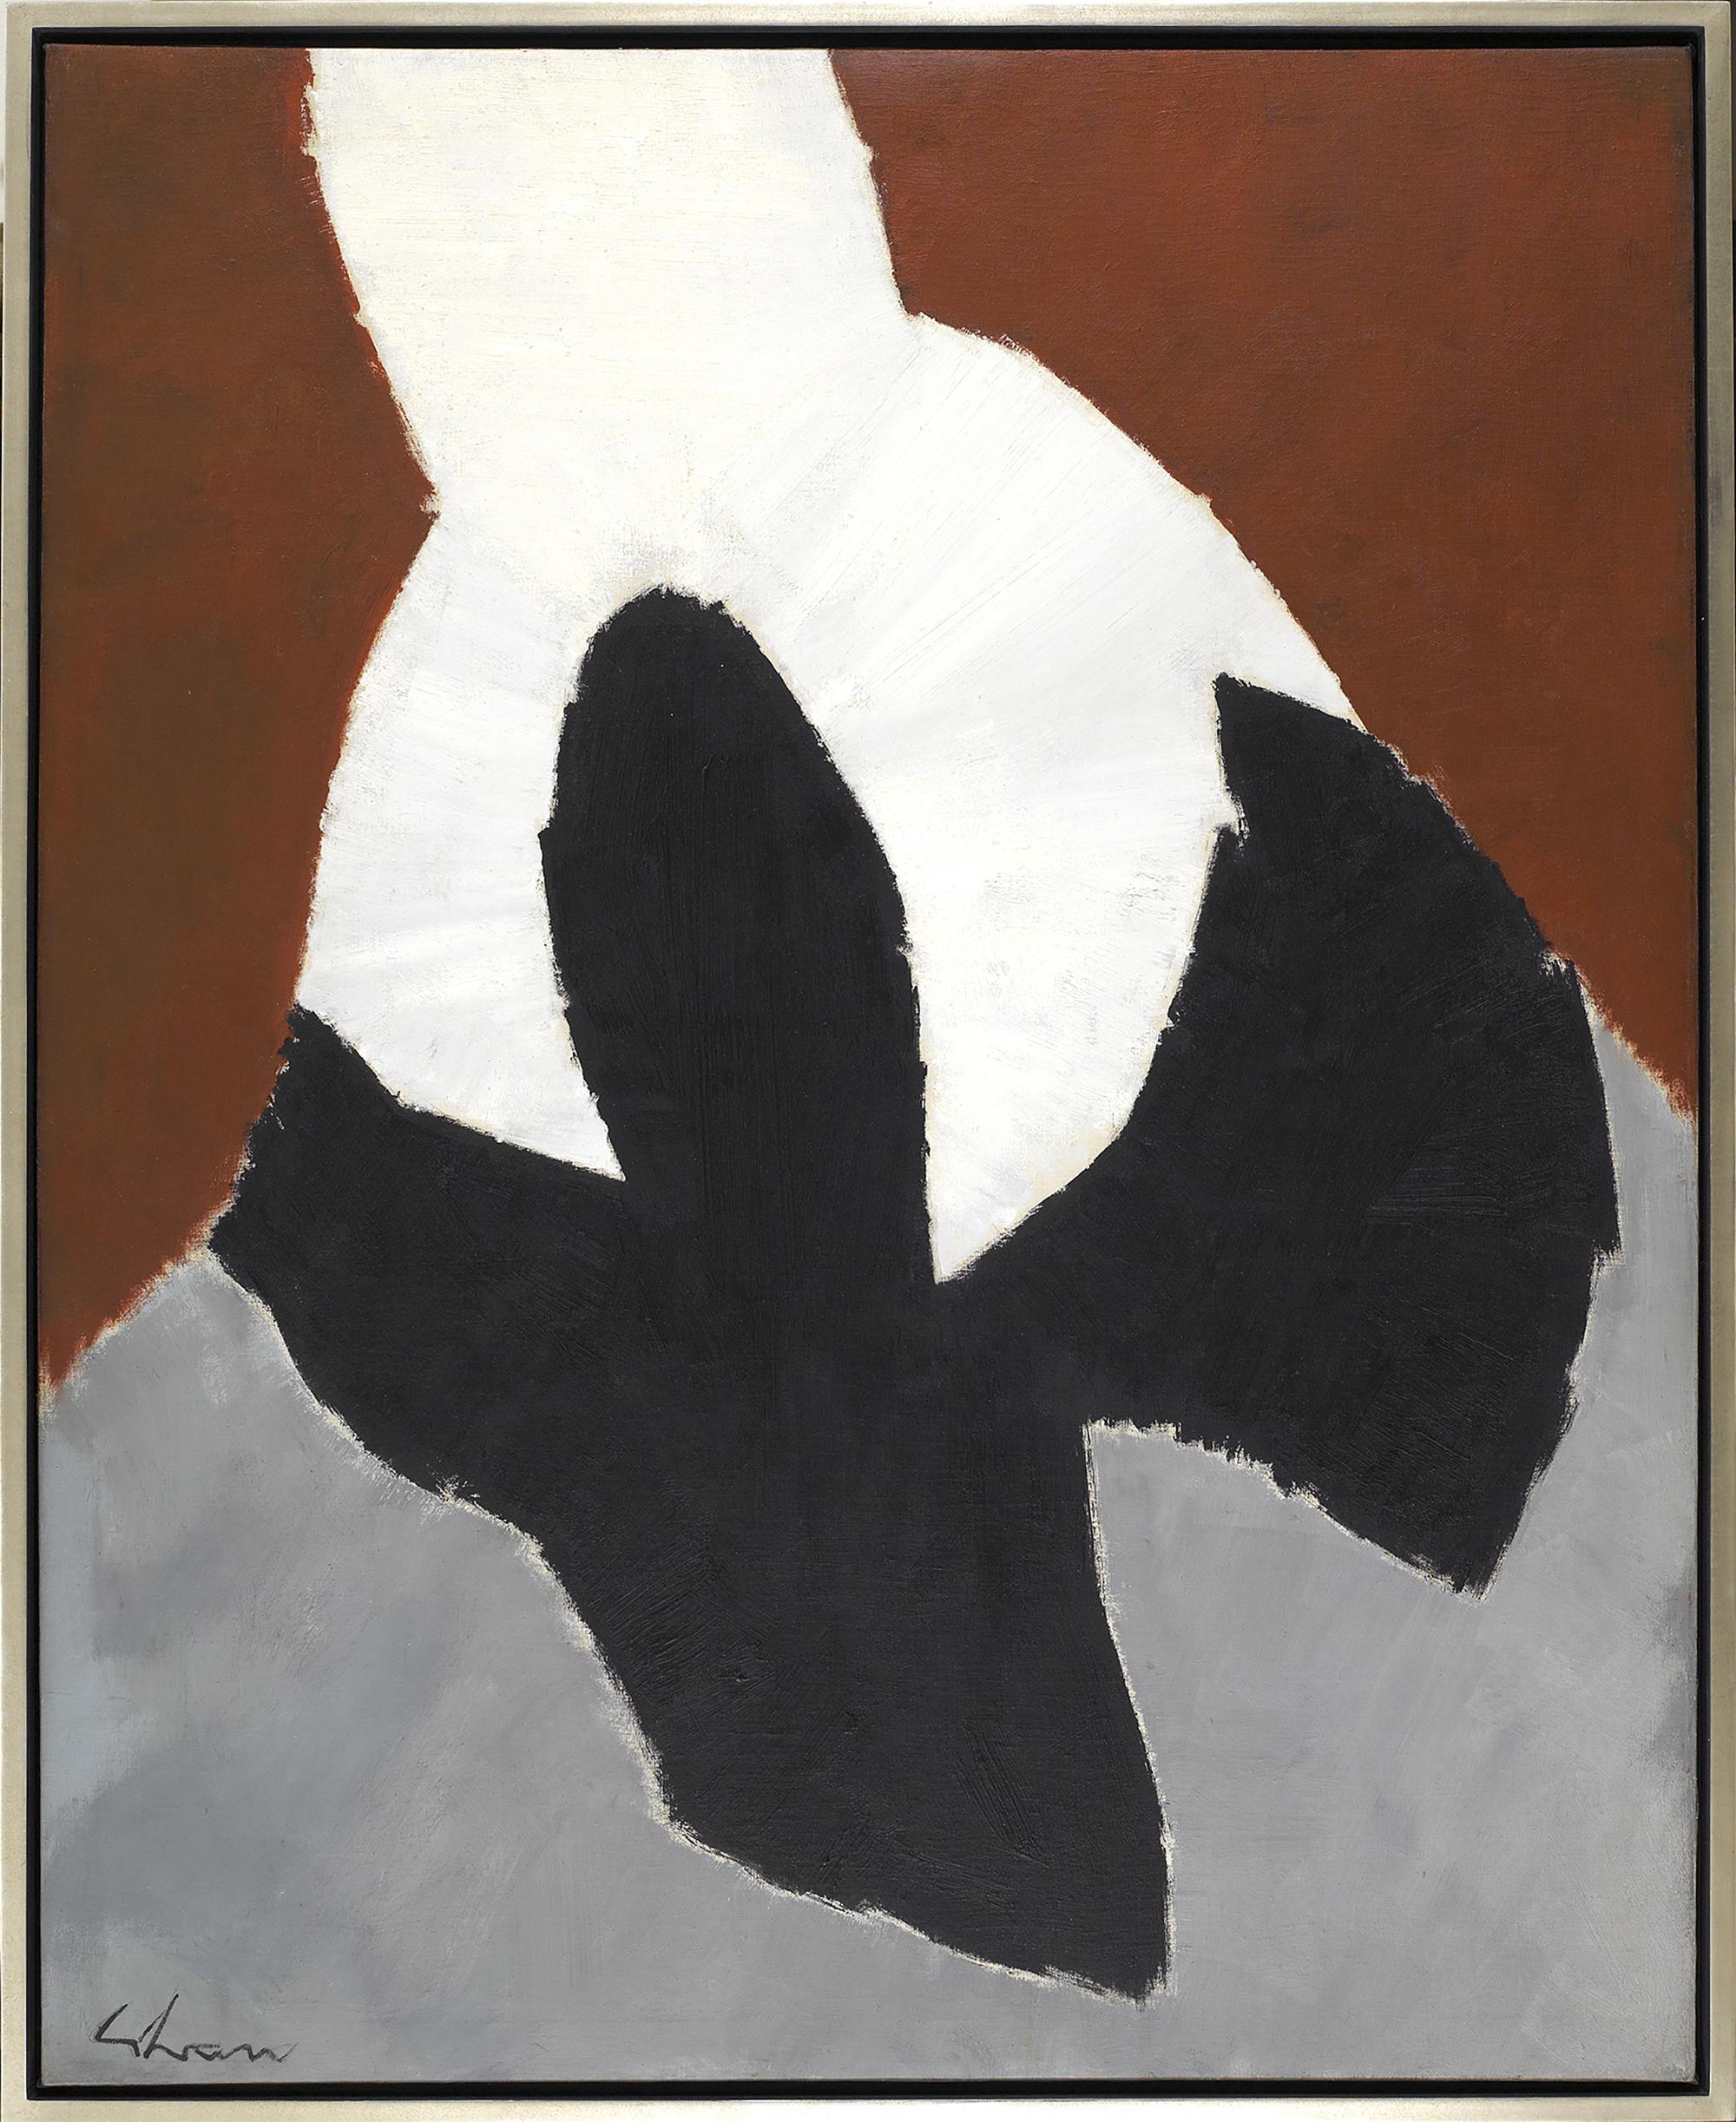 Rebirth,  Oil on canvas, 1961, 50 x 40 inches